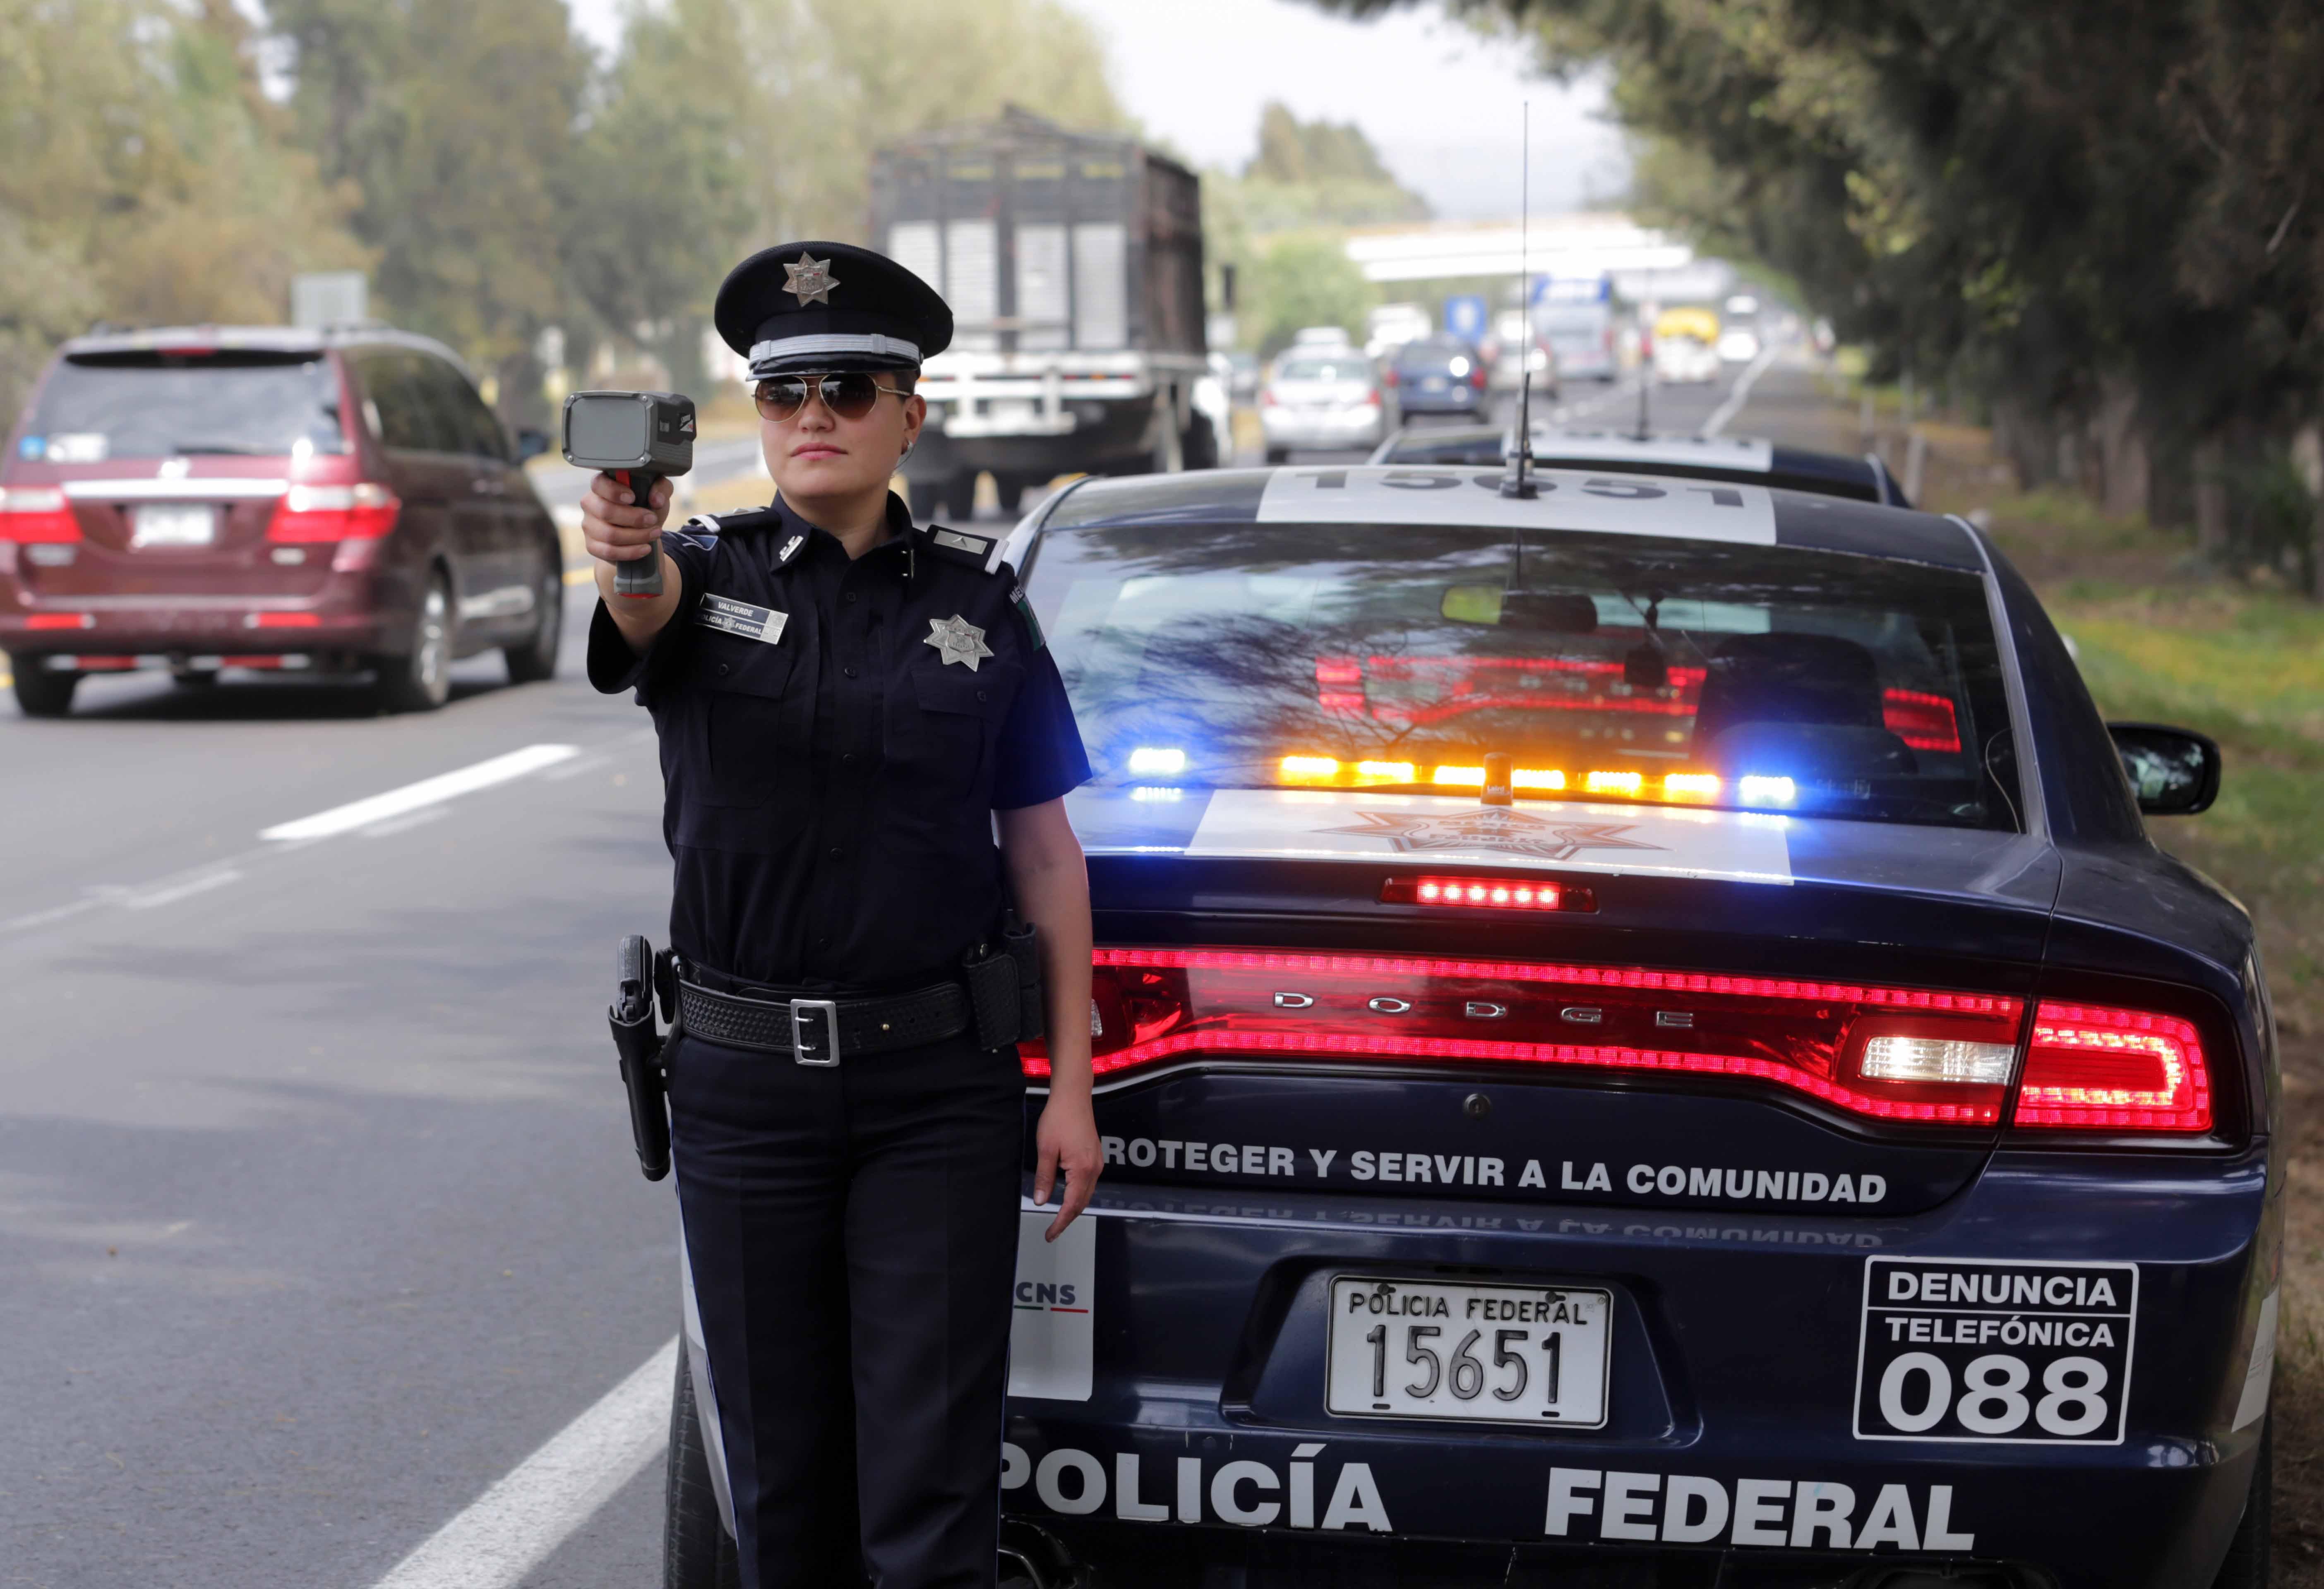 Fotos de patrullas de federal de caminos 19